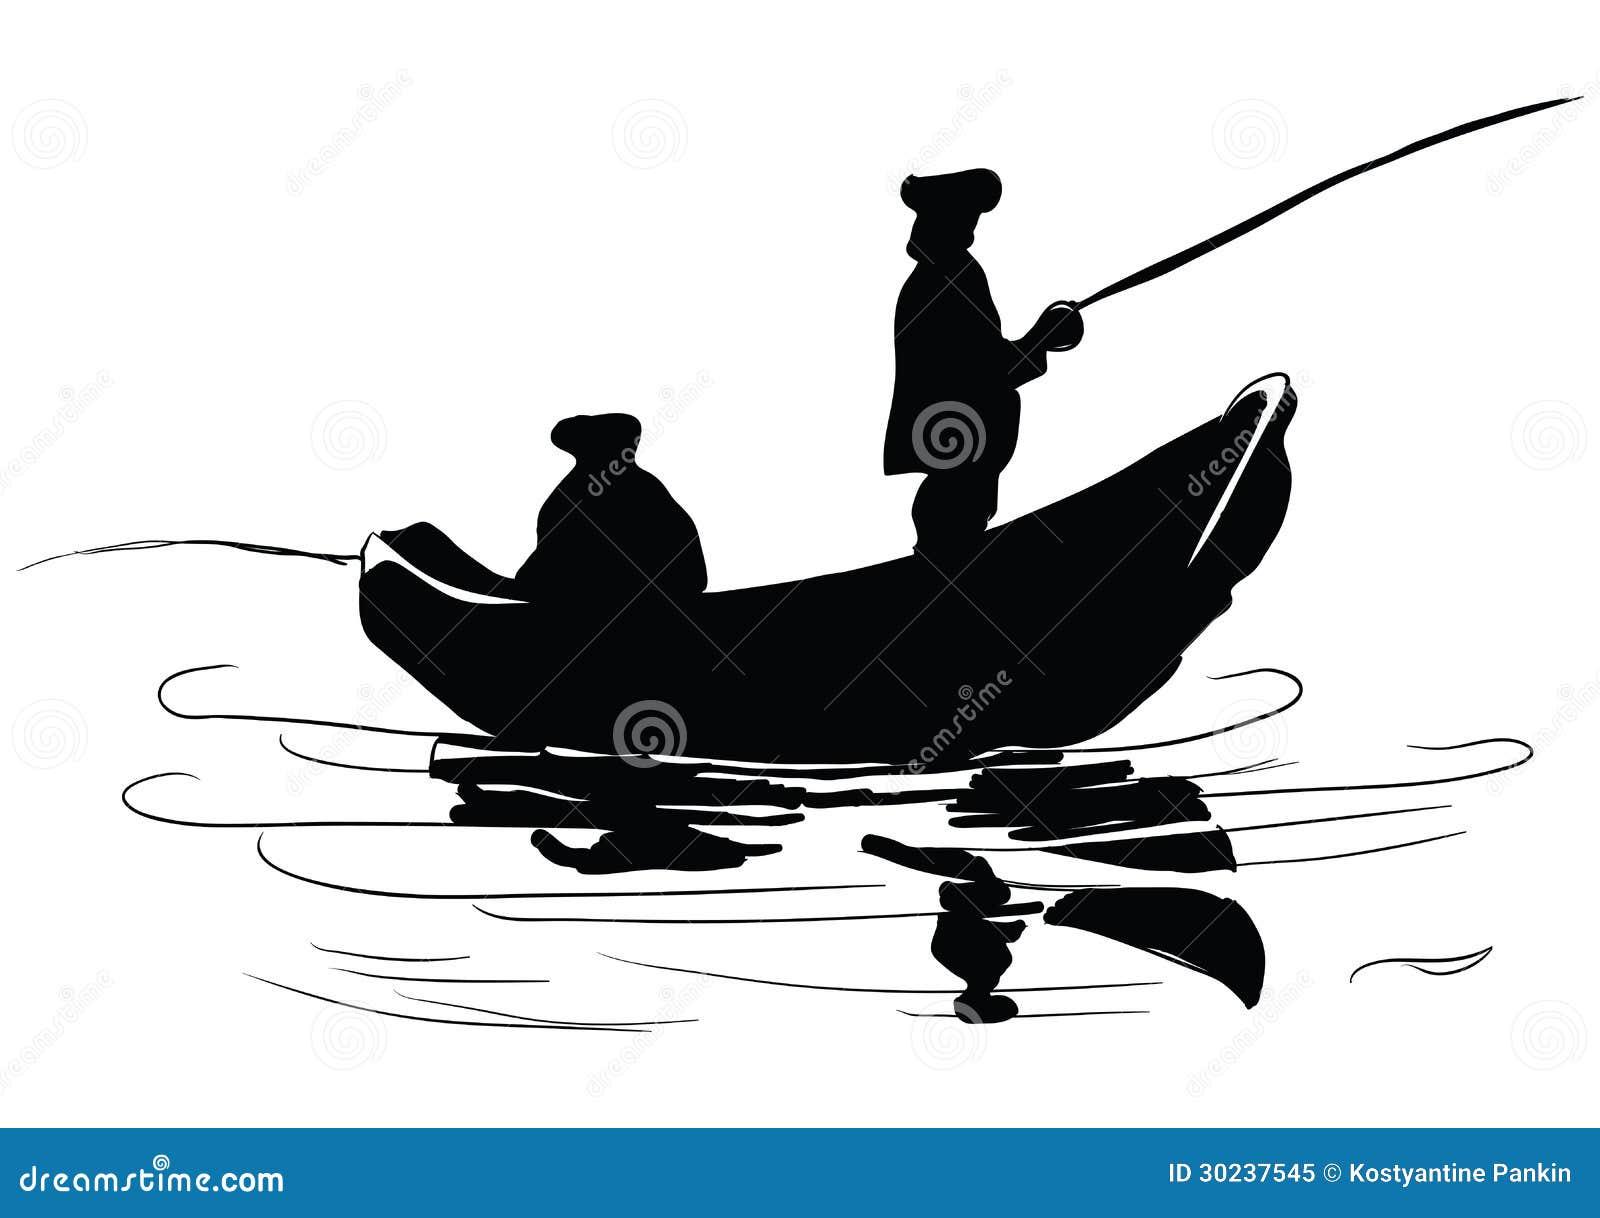 小船的渔夫. 钓鱼从小船. 图画做了by手. 传染媒介例证.